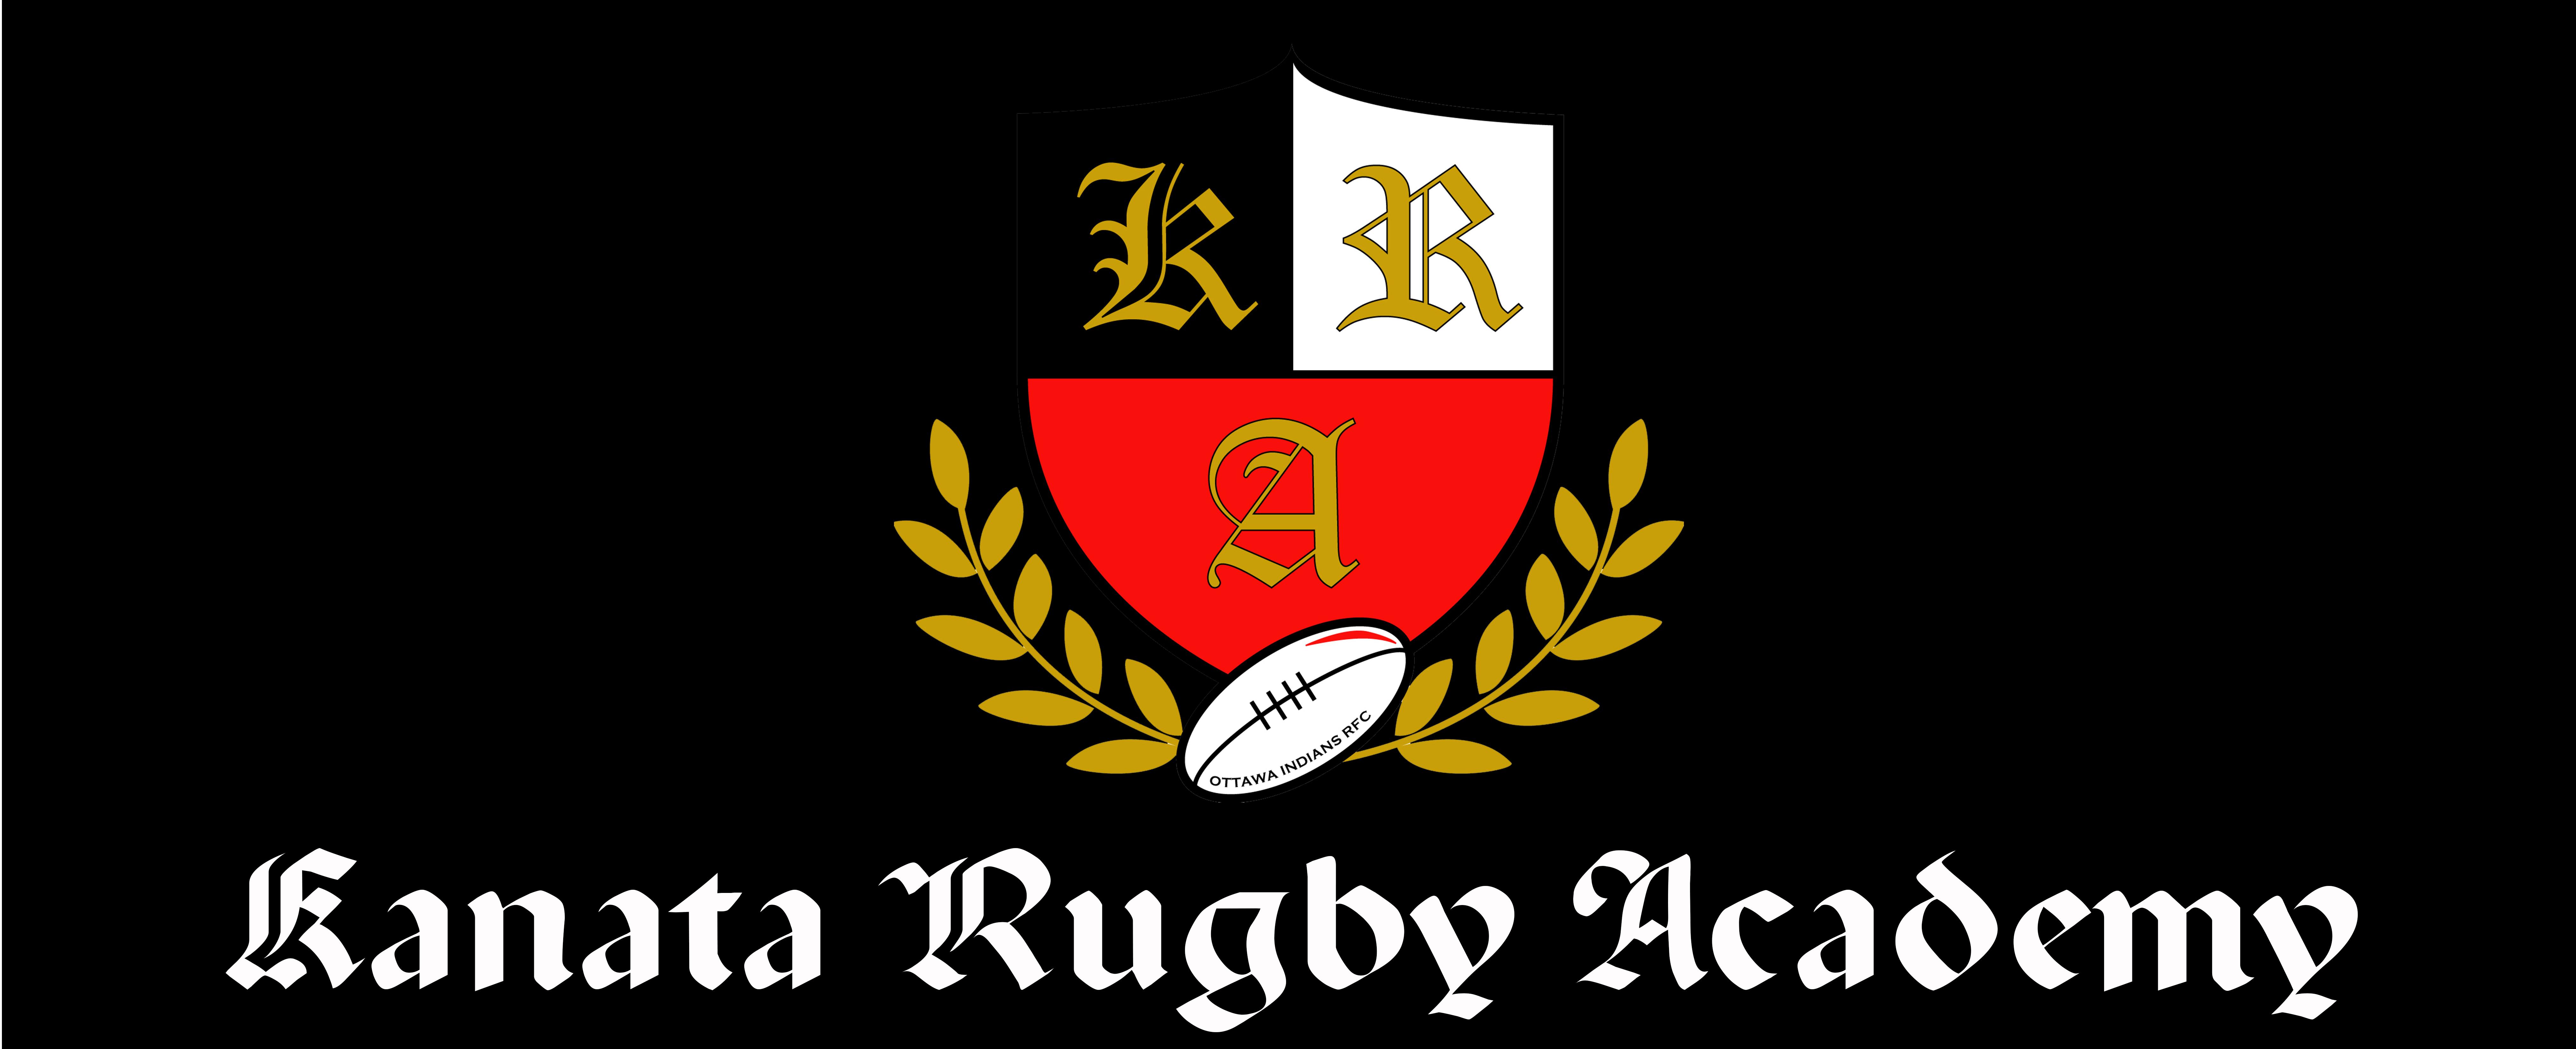 kra-2017-banner